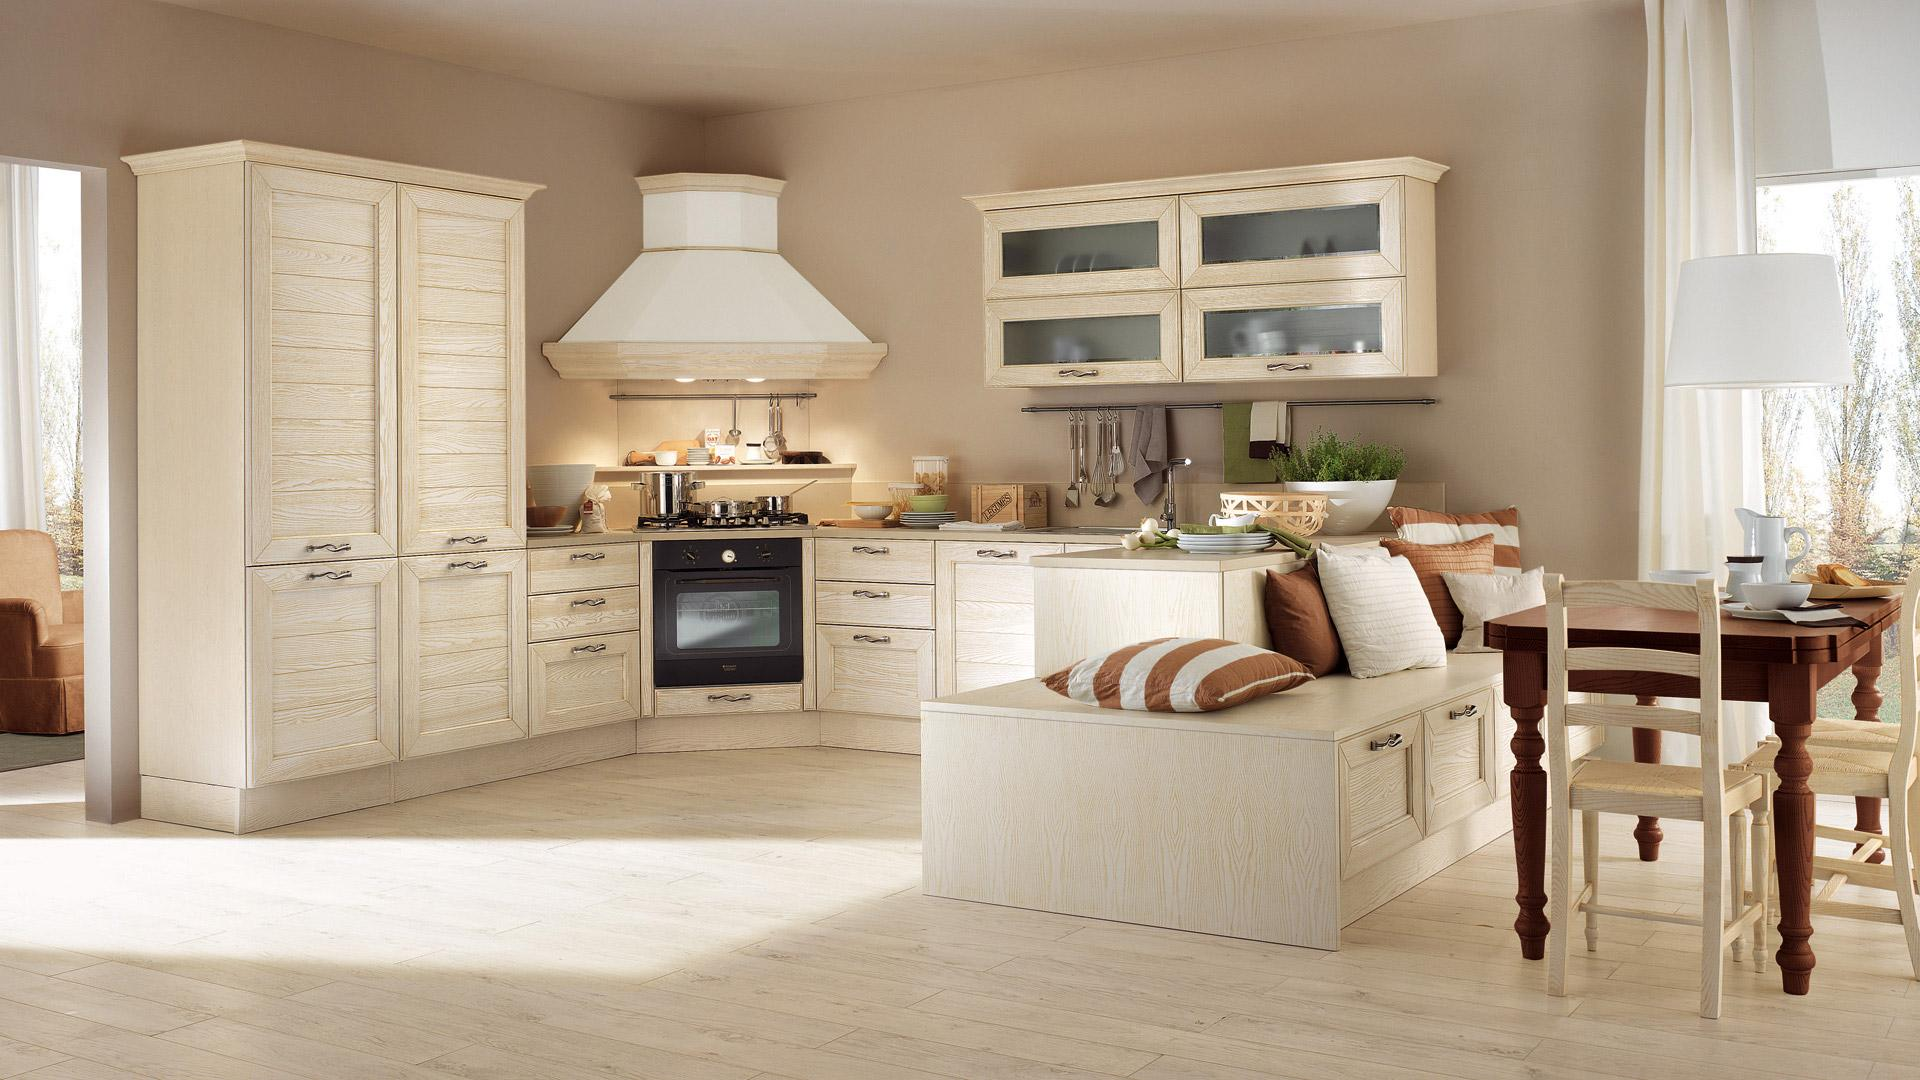 Colori Per Pareti Cucine Moderne. Stunning Colori Per Pareti Cucine ...